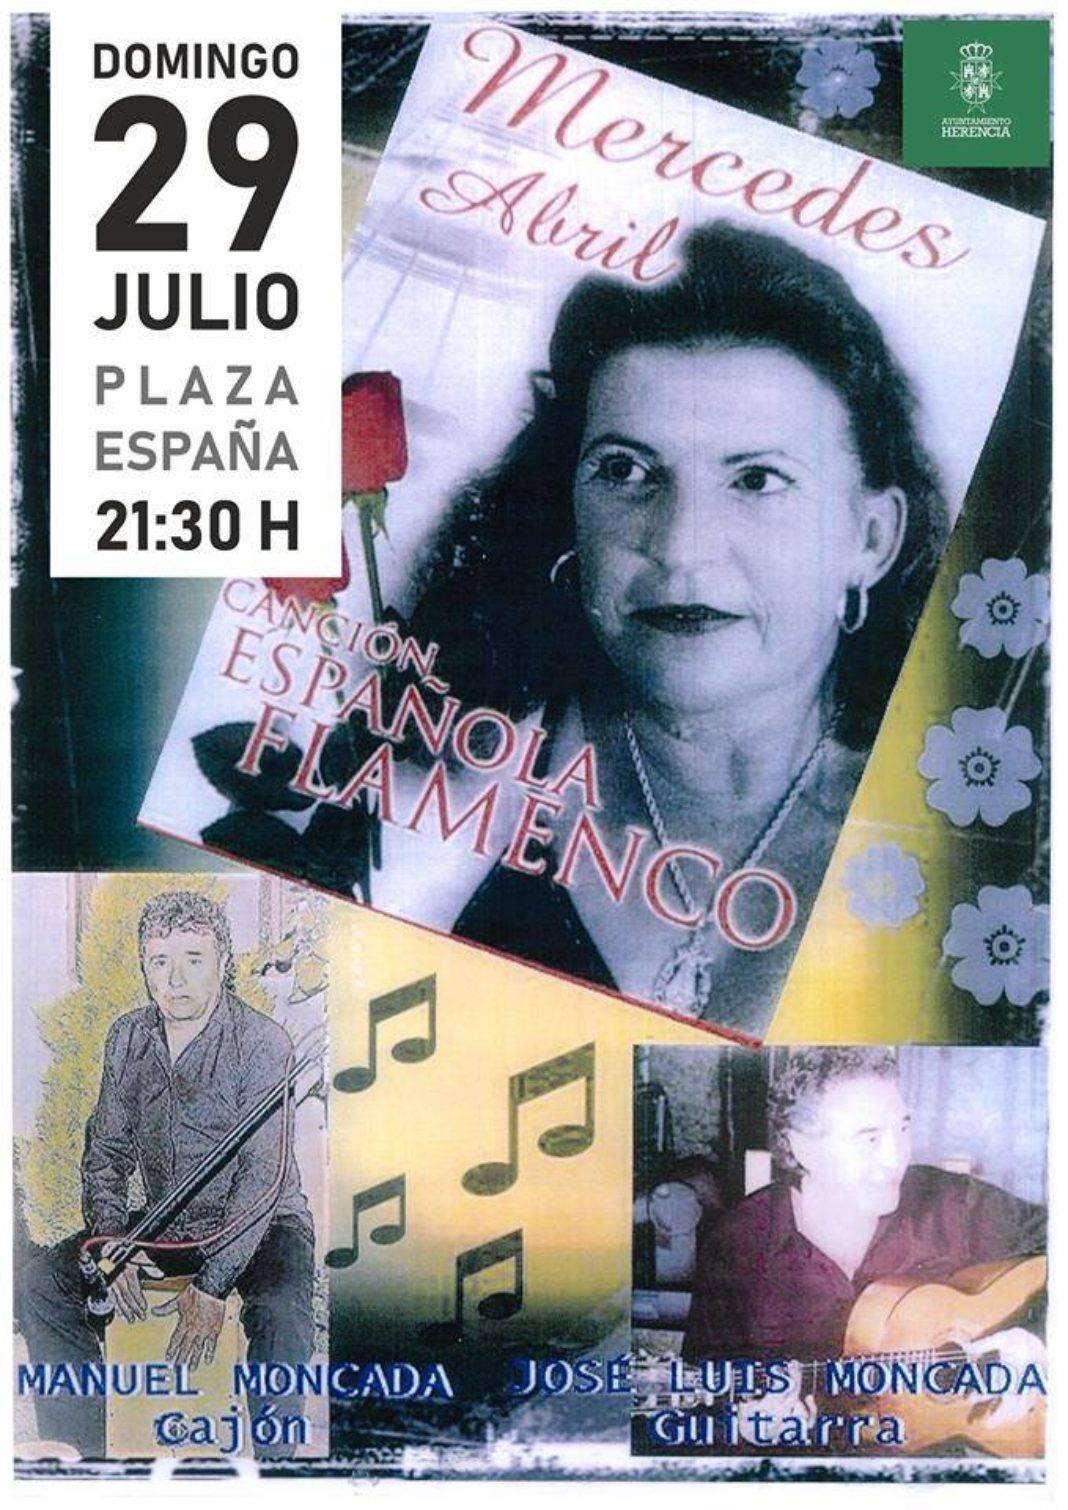 Mercedes Abril y su espectáculo de canción española y flamenco sonarán en la plaza 4